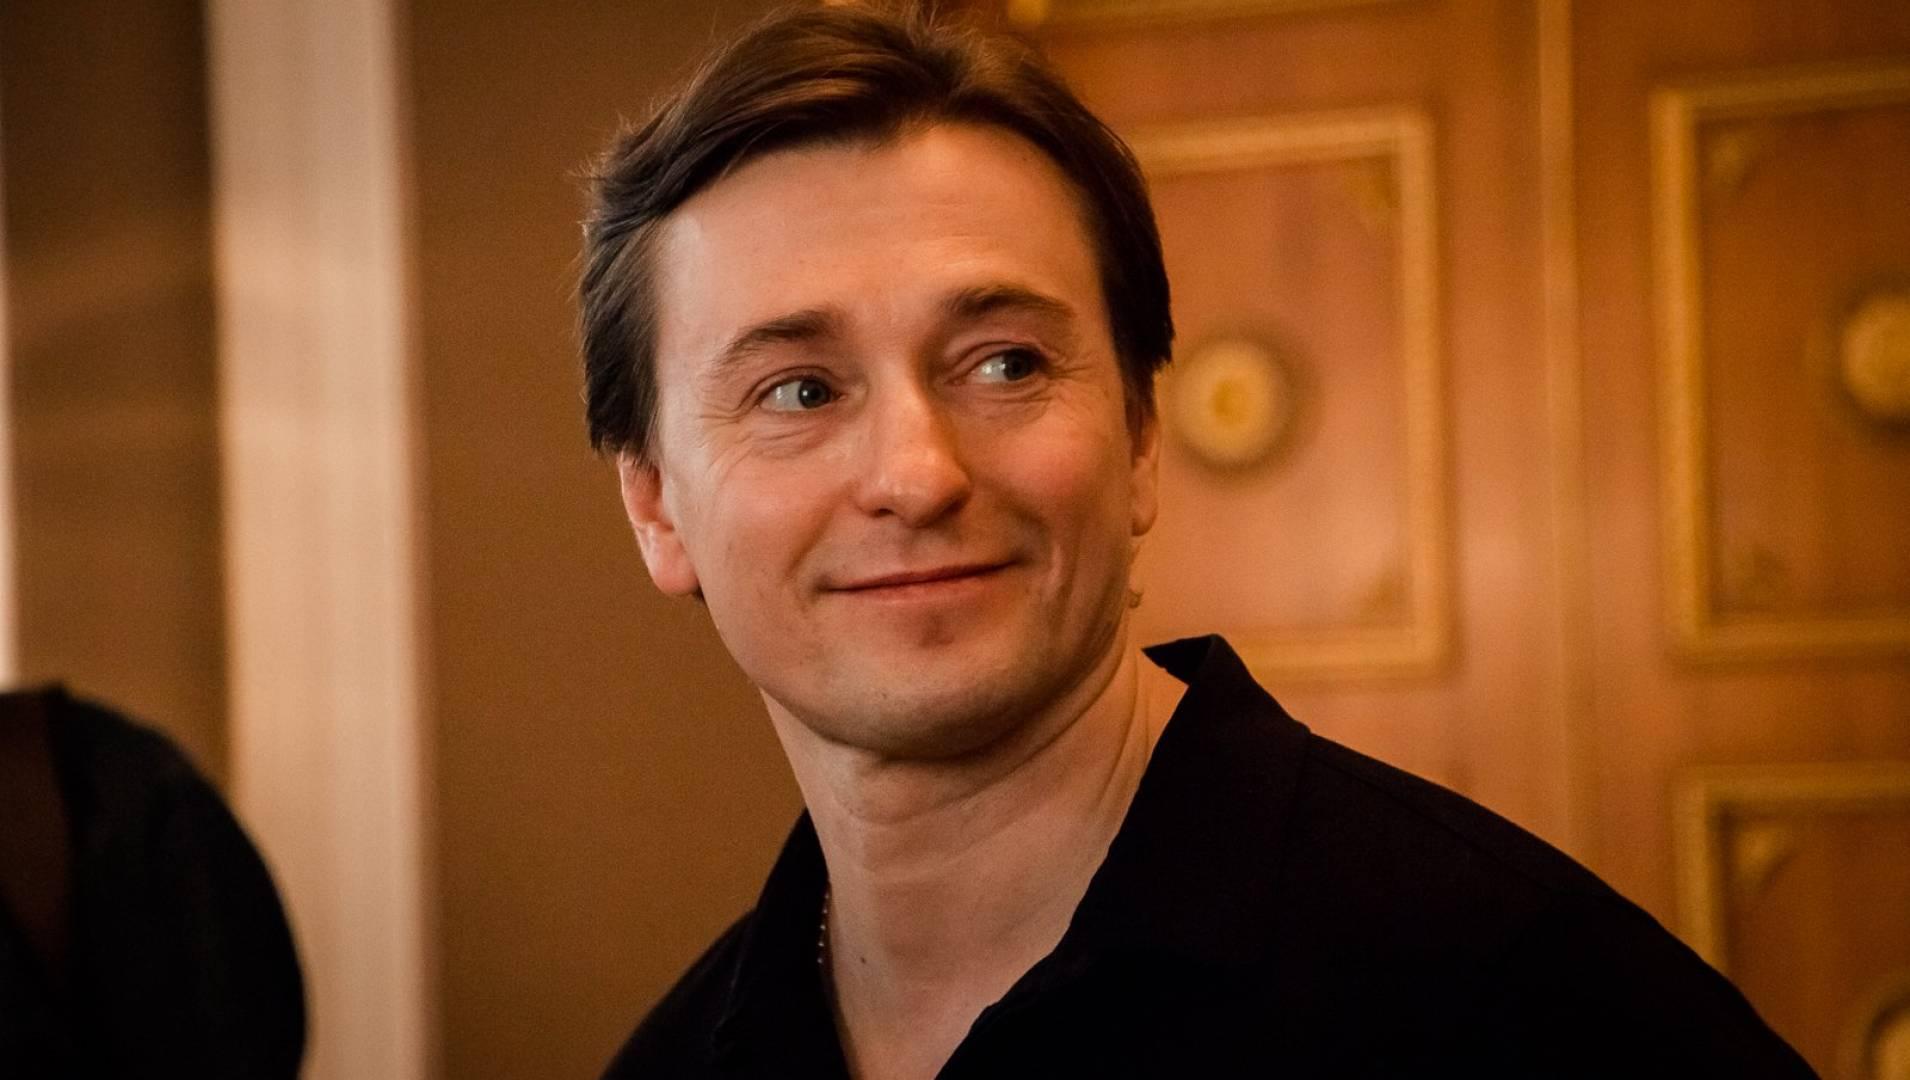 Сергей безруков документальные фильмы аврил лавин ноу бади хоум